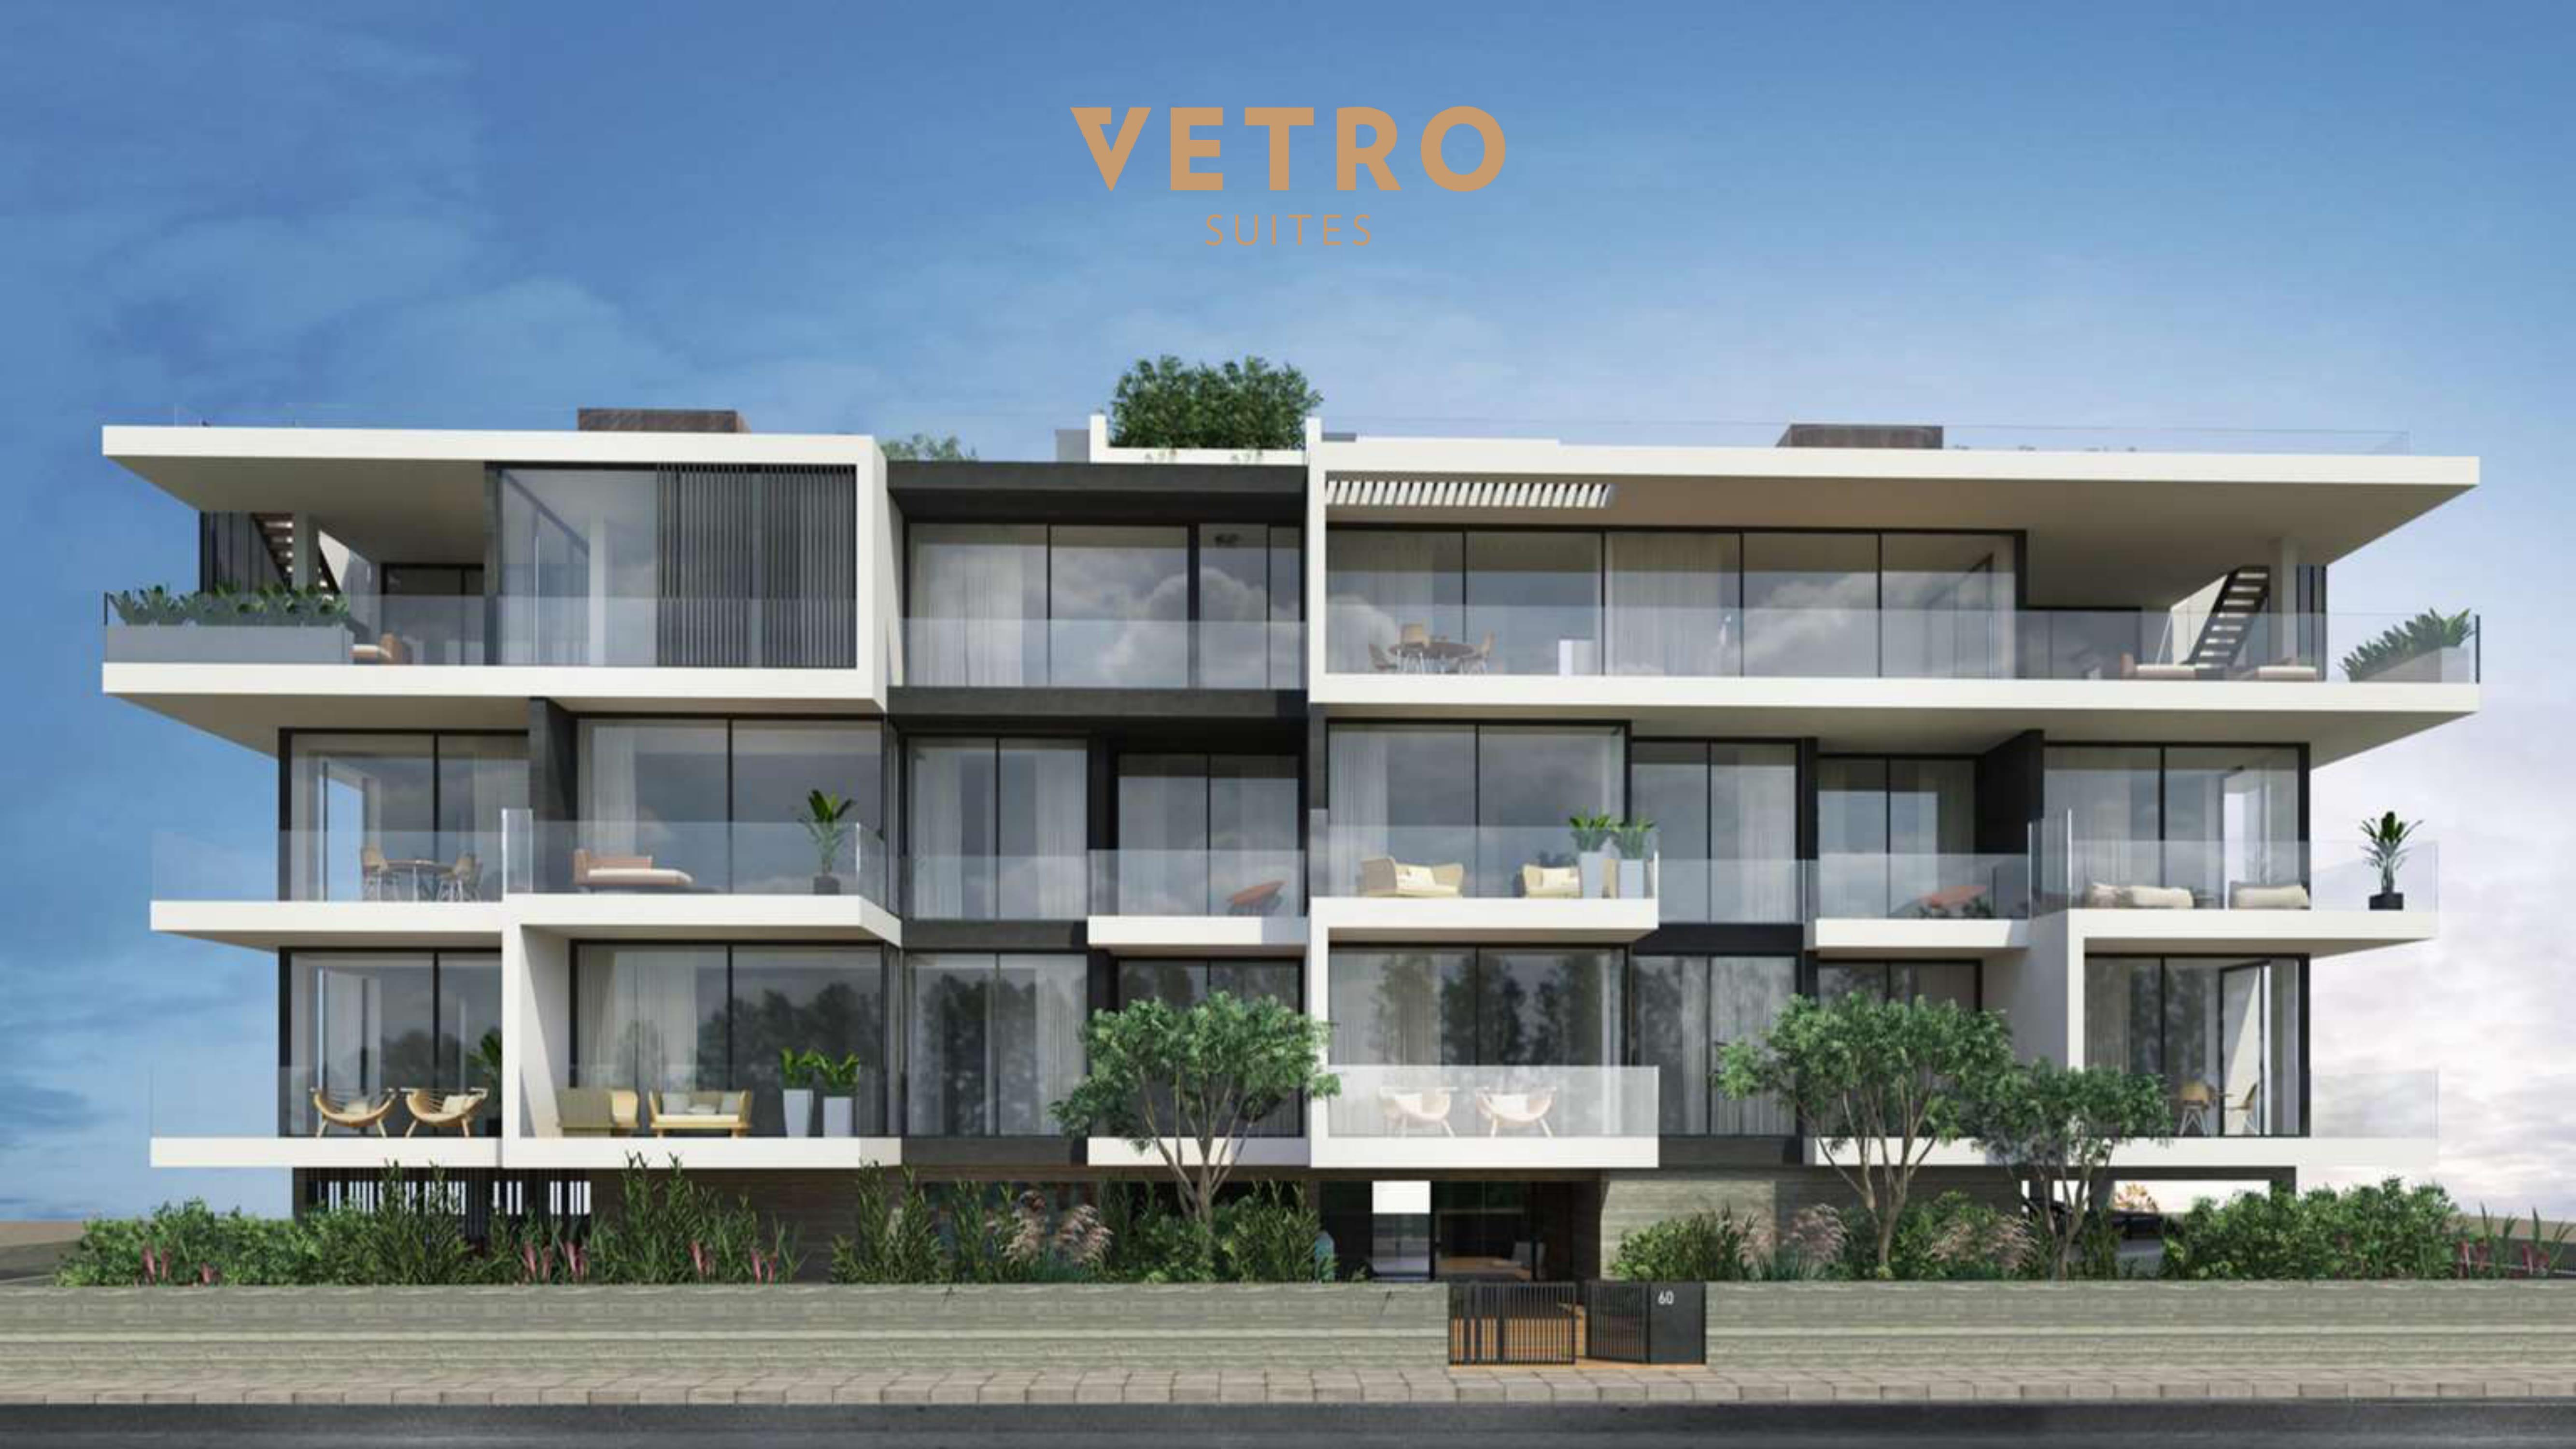 Vetro Suites